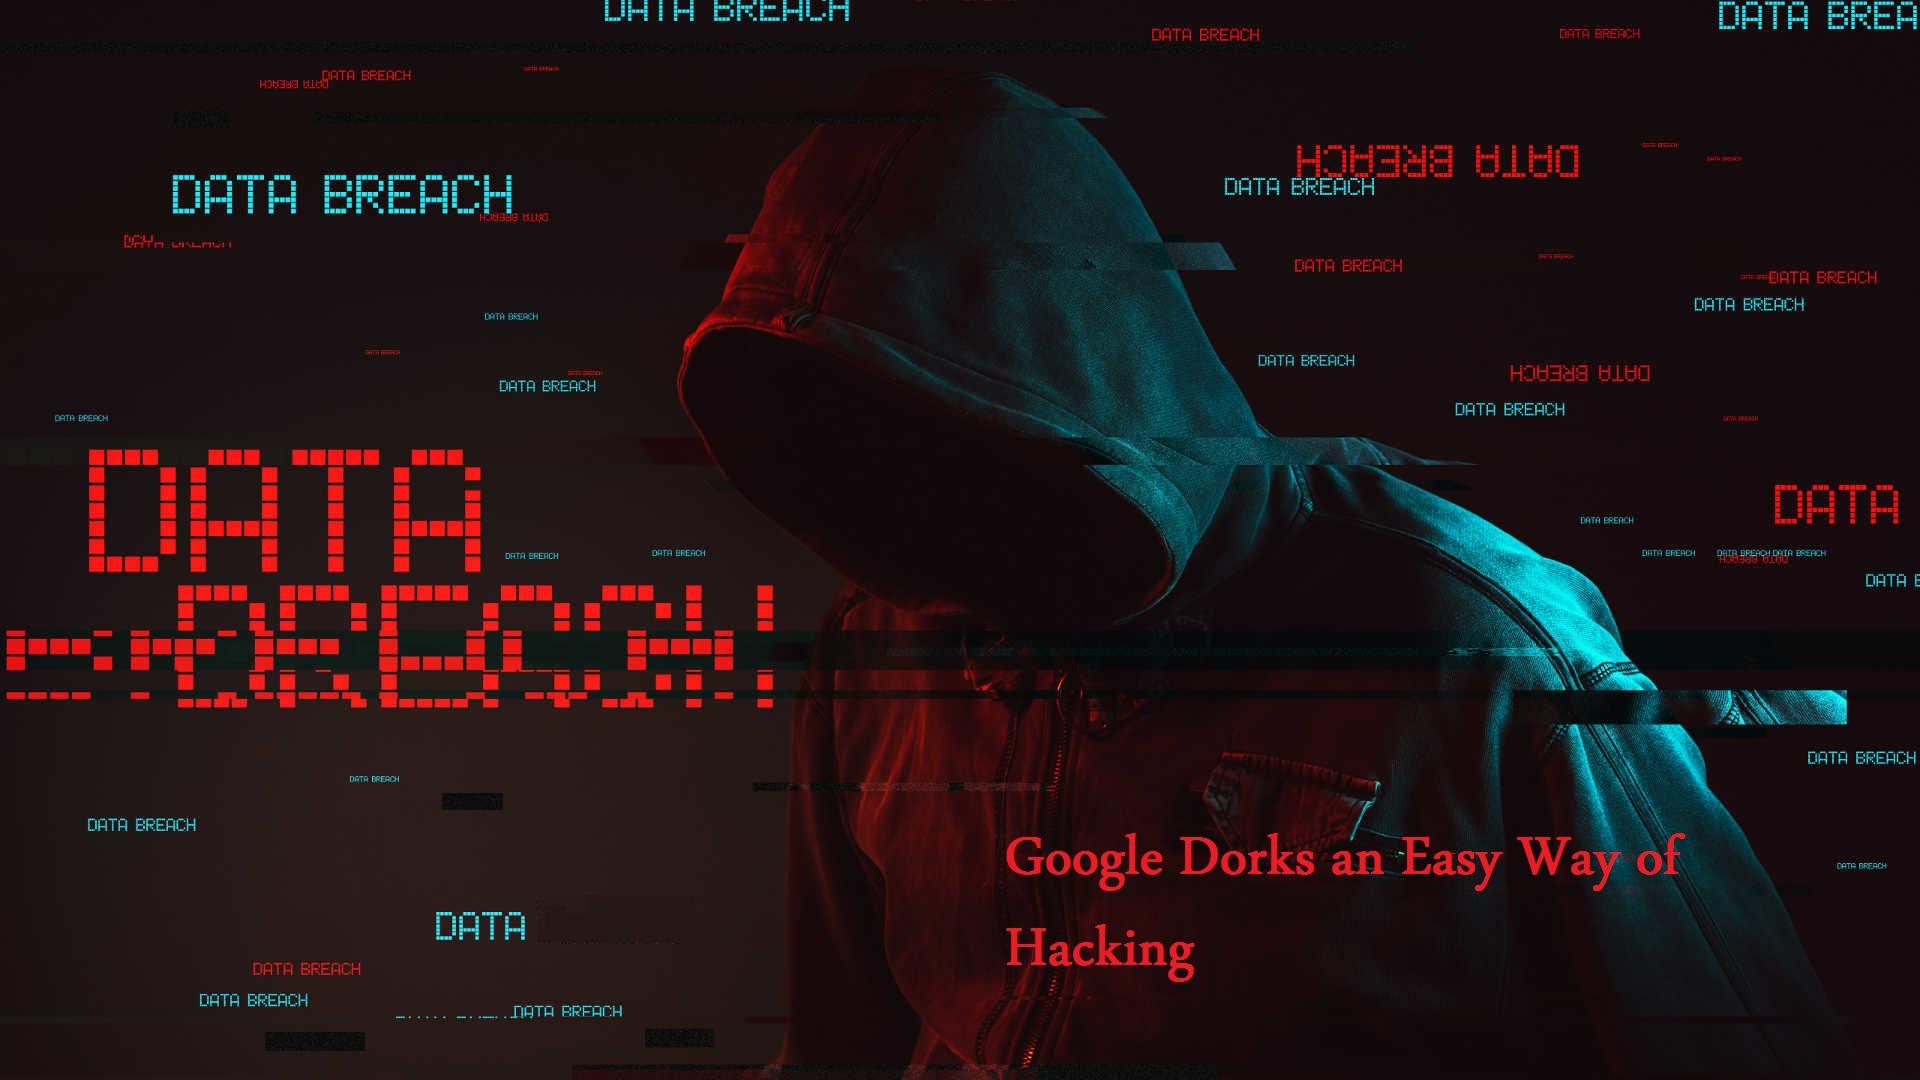 گوگل هکینگ چیست ؟